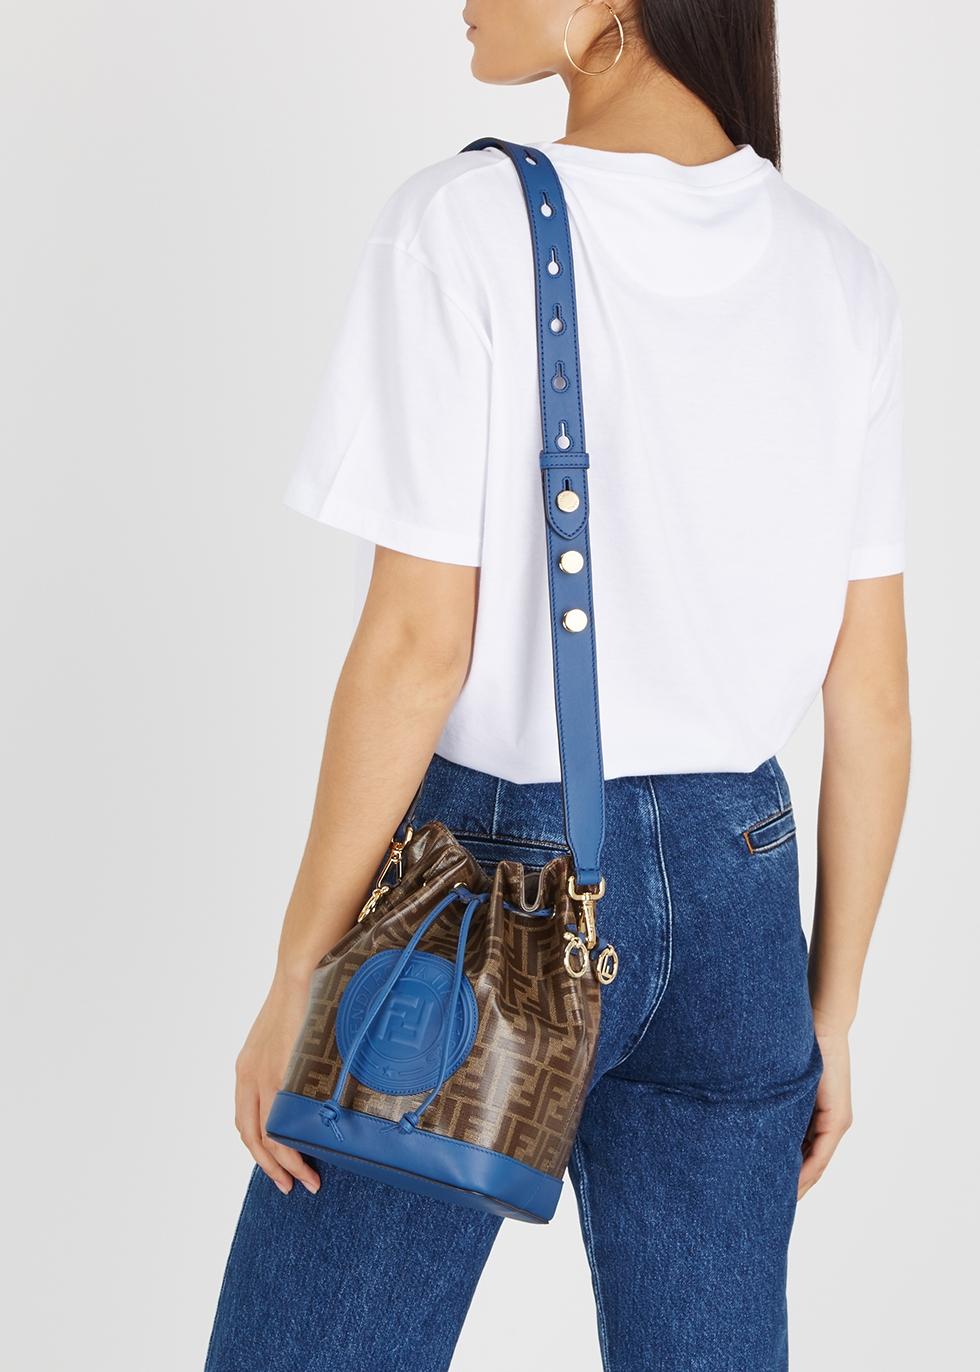 c0f61445fcb9 Fendi Mon Tresor medium monogrammed bucket bag - Harvey Nichols